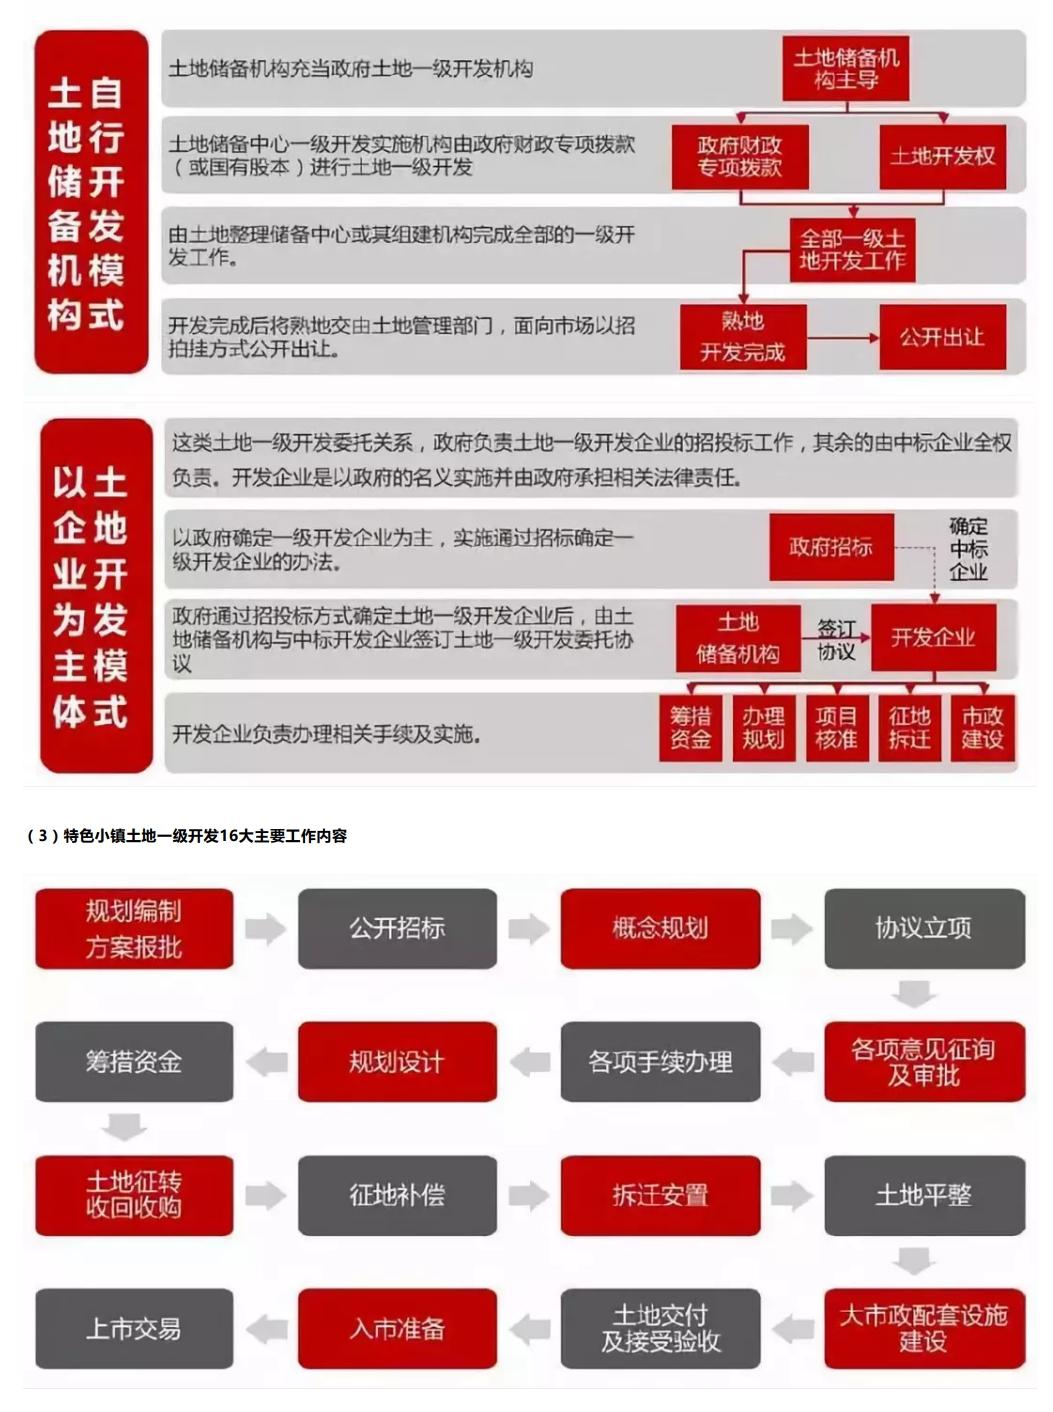 乡村镇心雕刻时光 (2).png